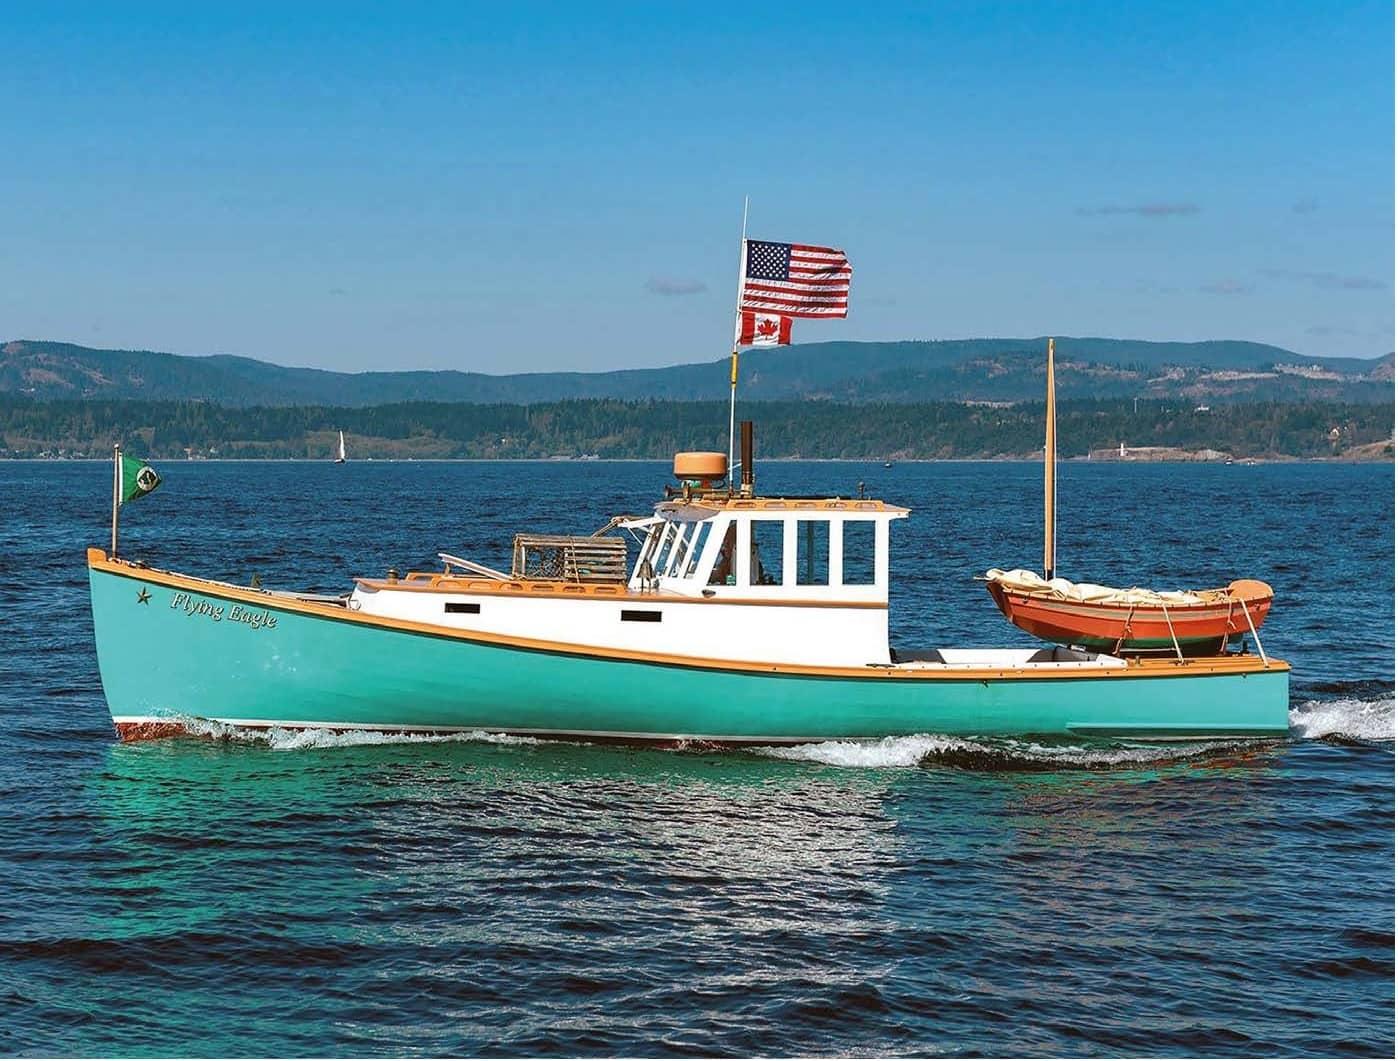 Hot Rod Lobster Boat